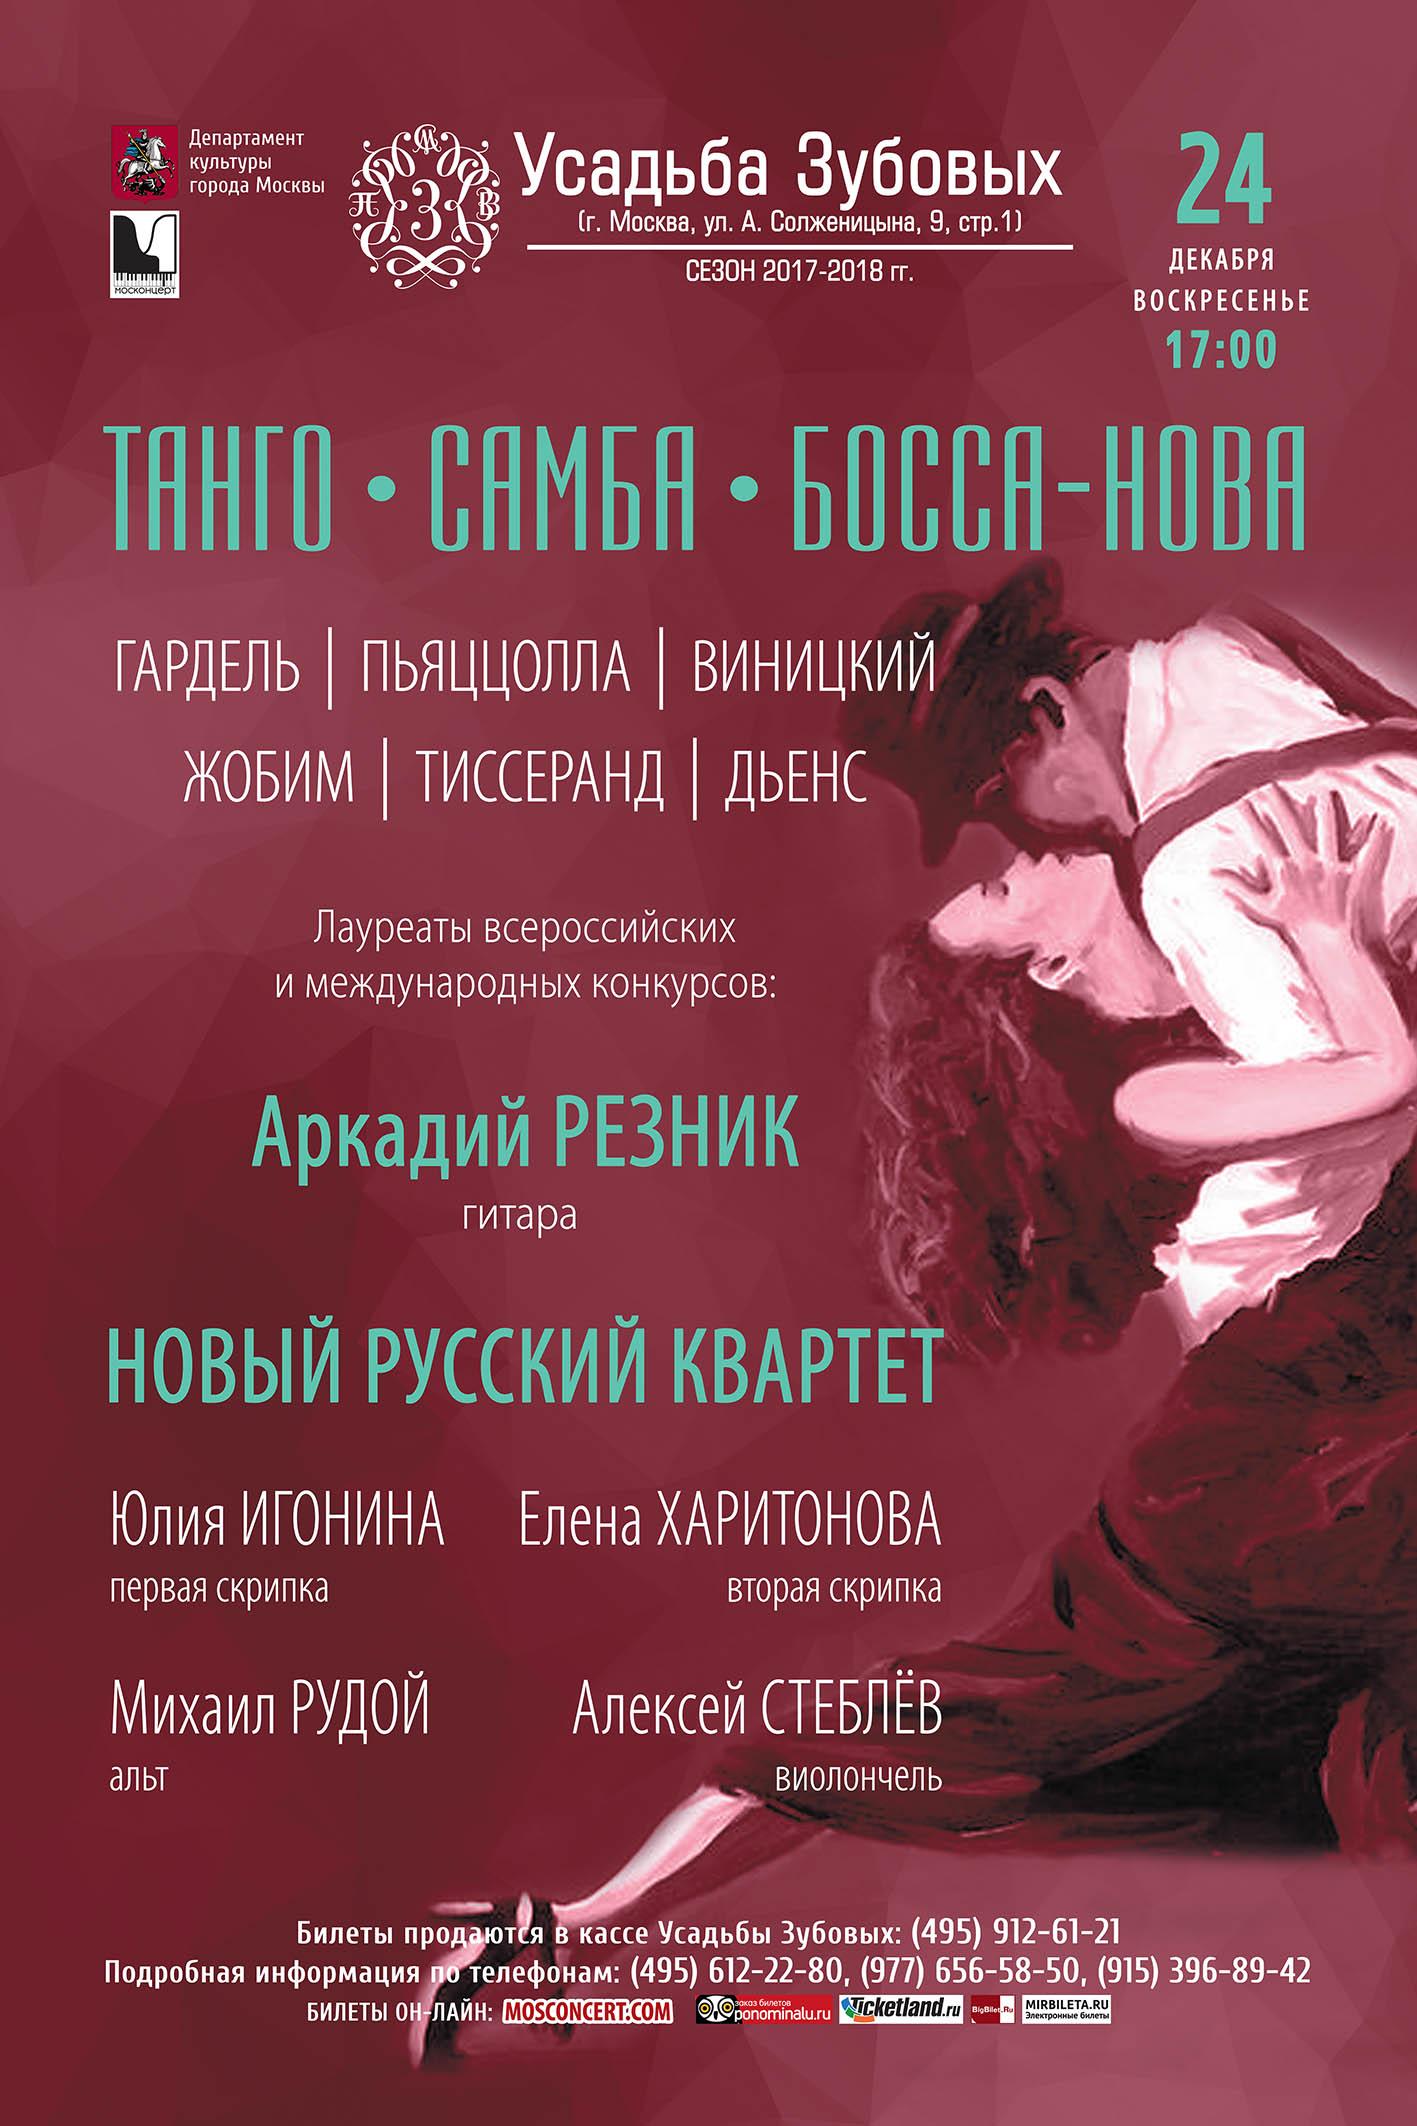 КФО_24.12.17_Танго_proba_2_01(1).jpg